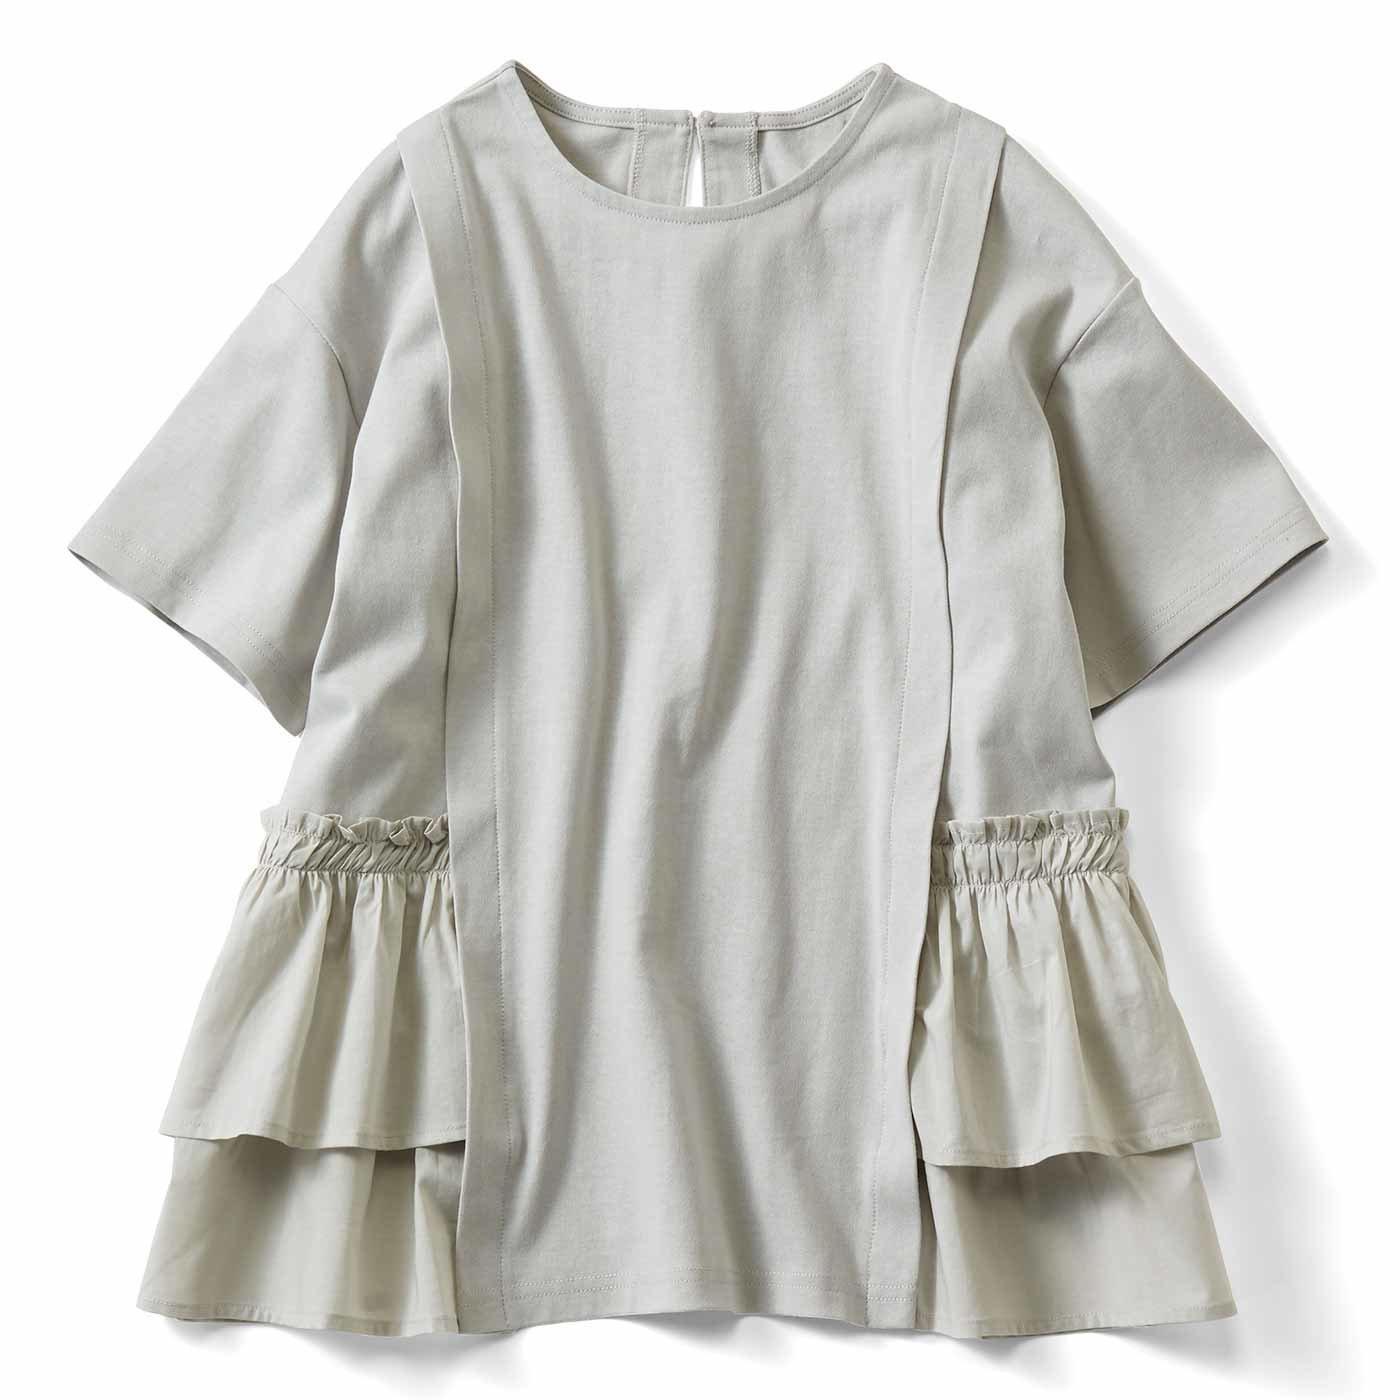 【3~10日でお届け】IEDIT[イディット] 汗じみ軽減加工をほどこした異素材遣いTシャツ〈グレー〉